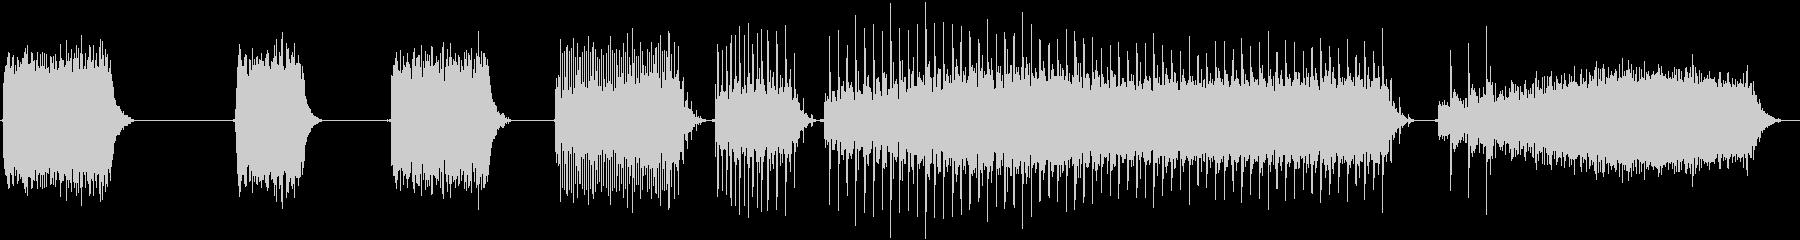 トーンシンセサイザーホワイトノイズ...の未再生の波形